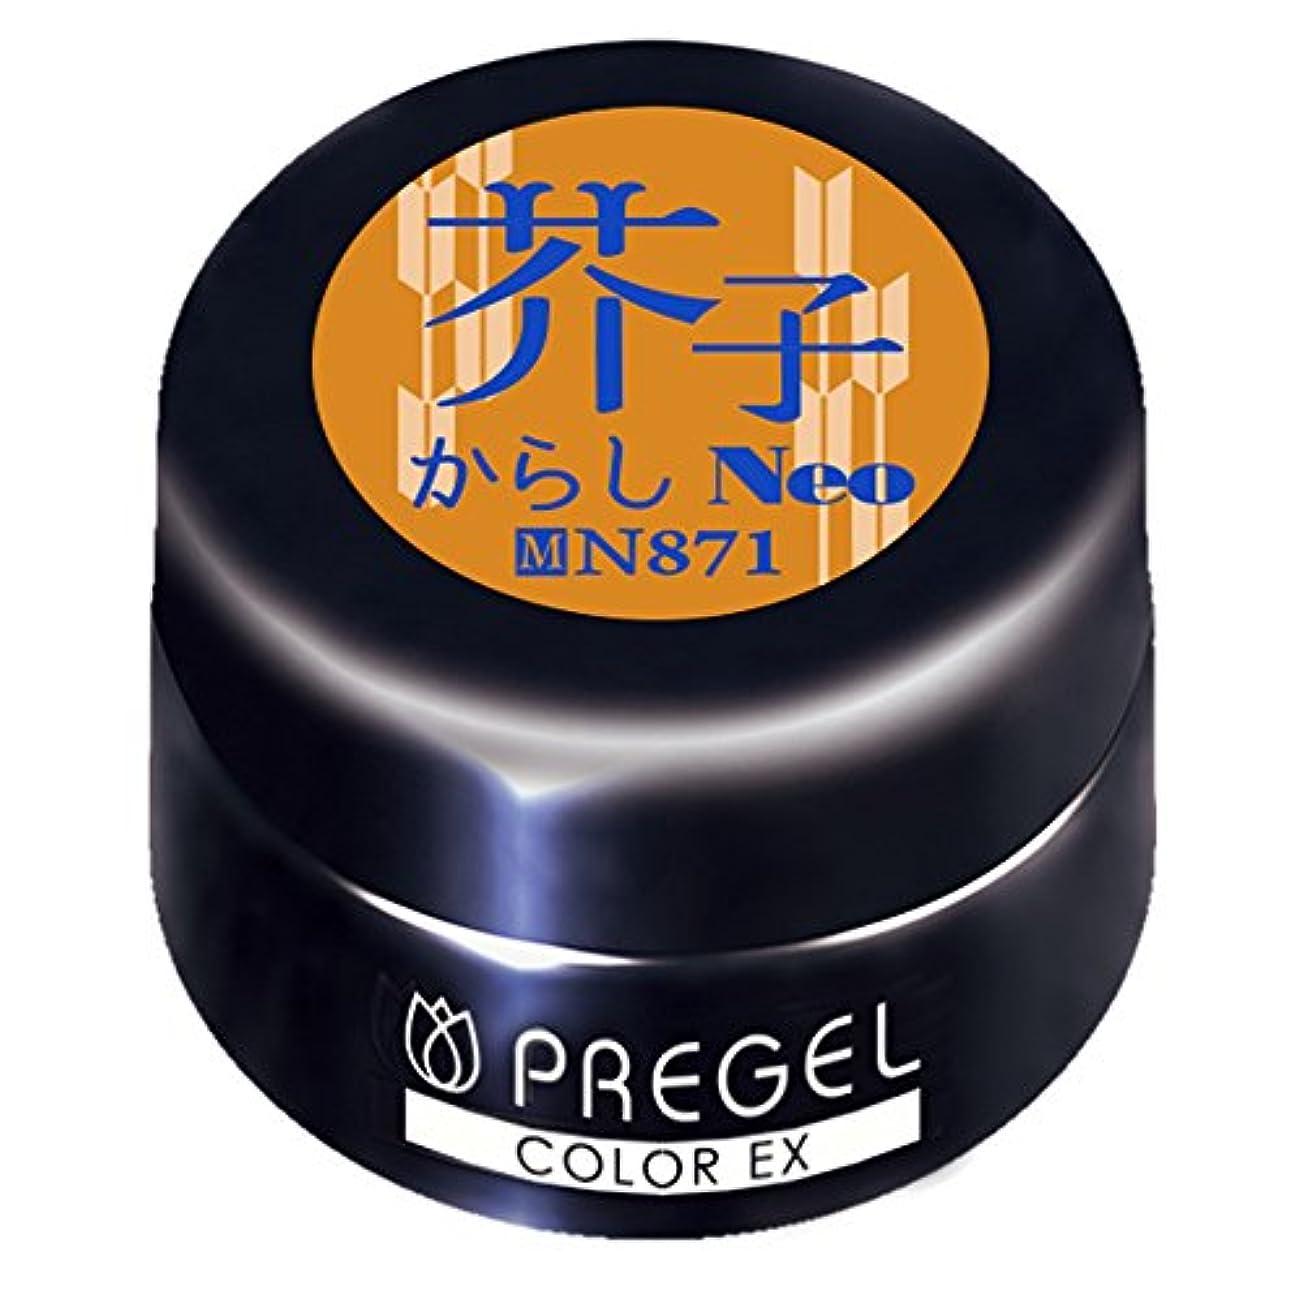 アルコーブフリーストランペットPRE GELカラーEX 芥子(からし)neo 3g PG-CEN871